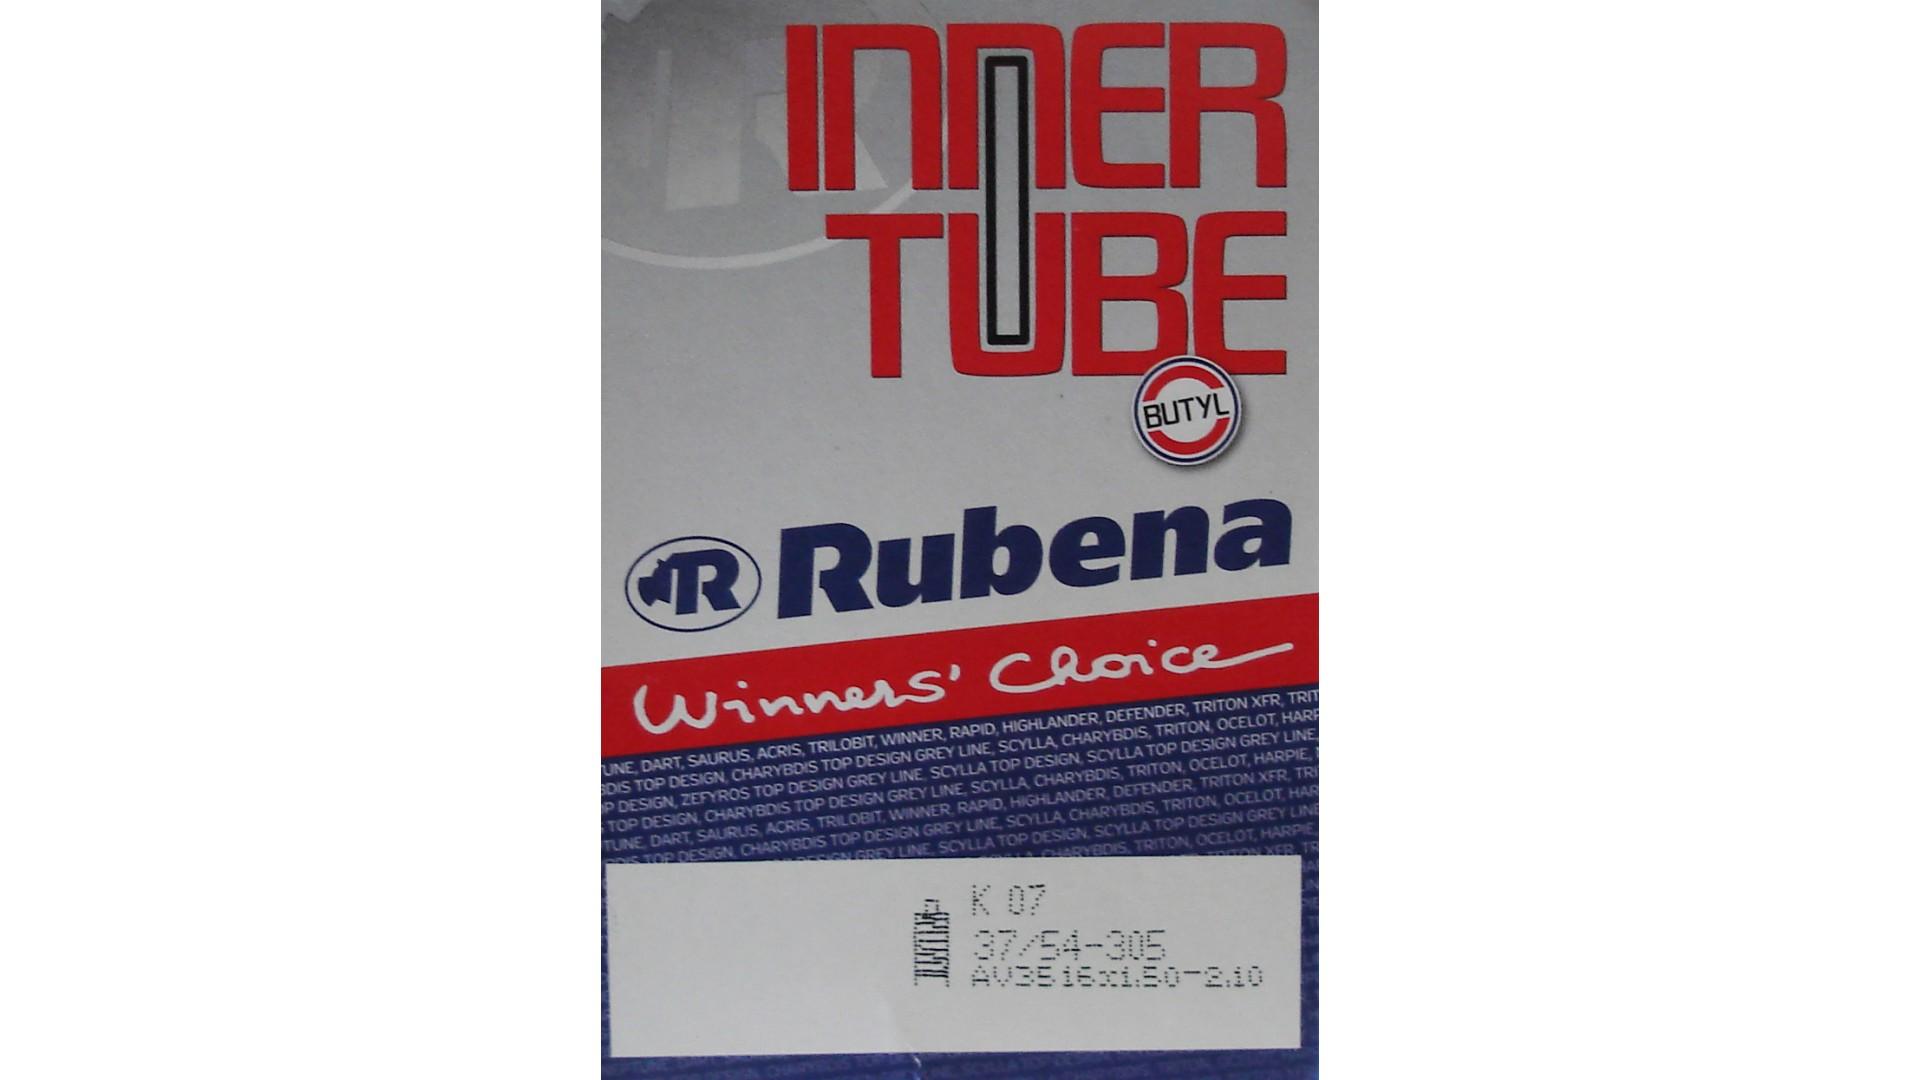 Камера RUBENA 16 x 1.50-2.10 a/v 35мм Classic K07, BSC 0,9 mm, в коробке